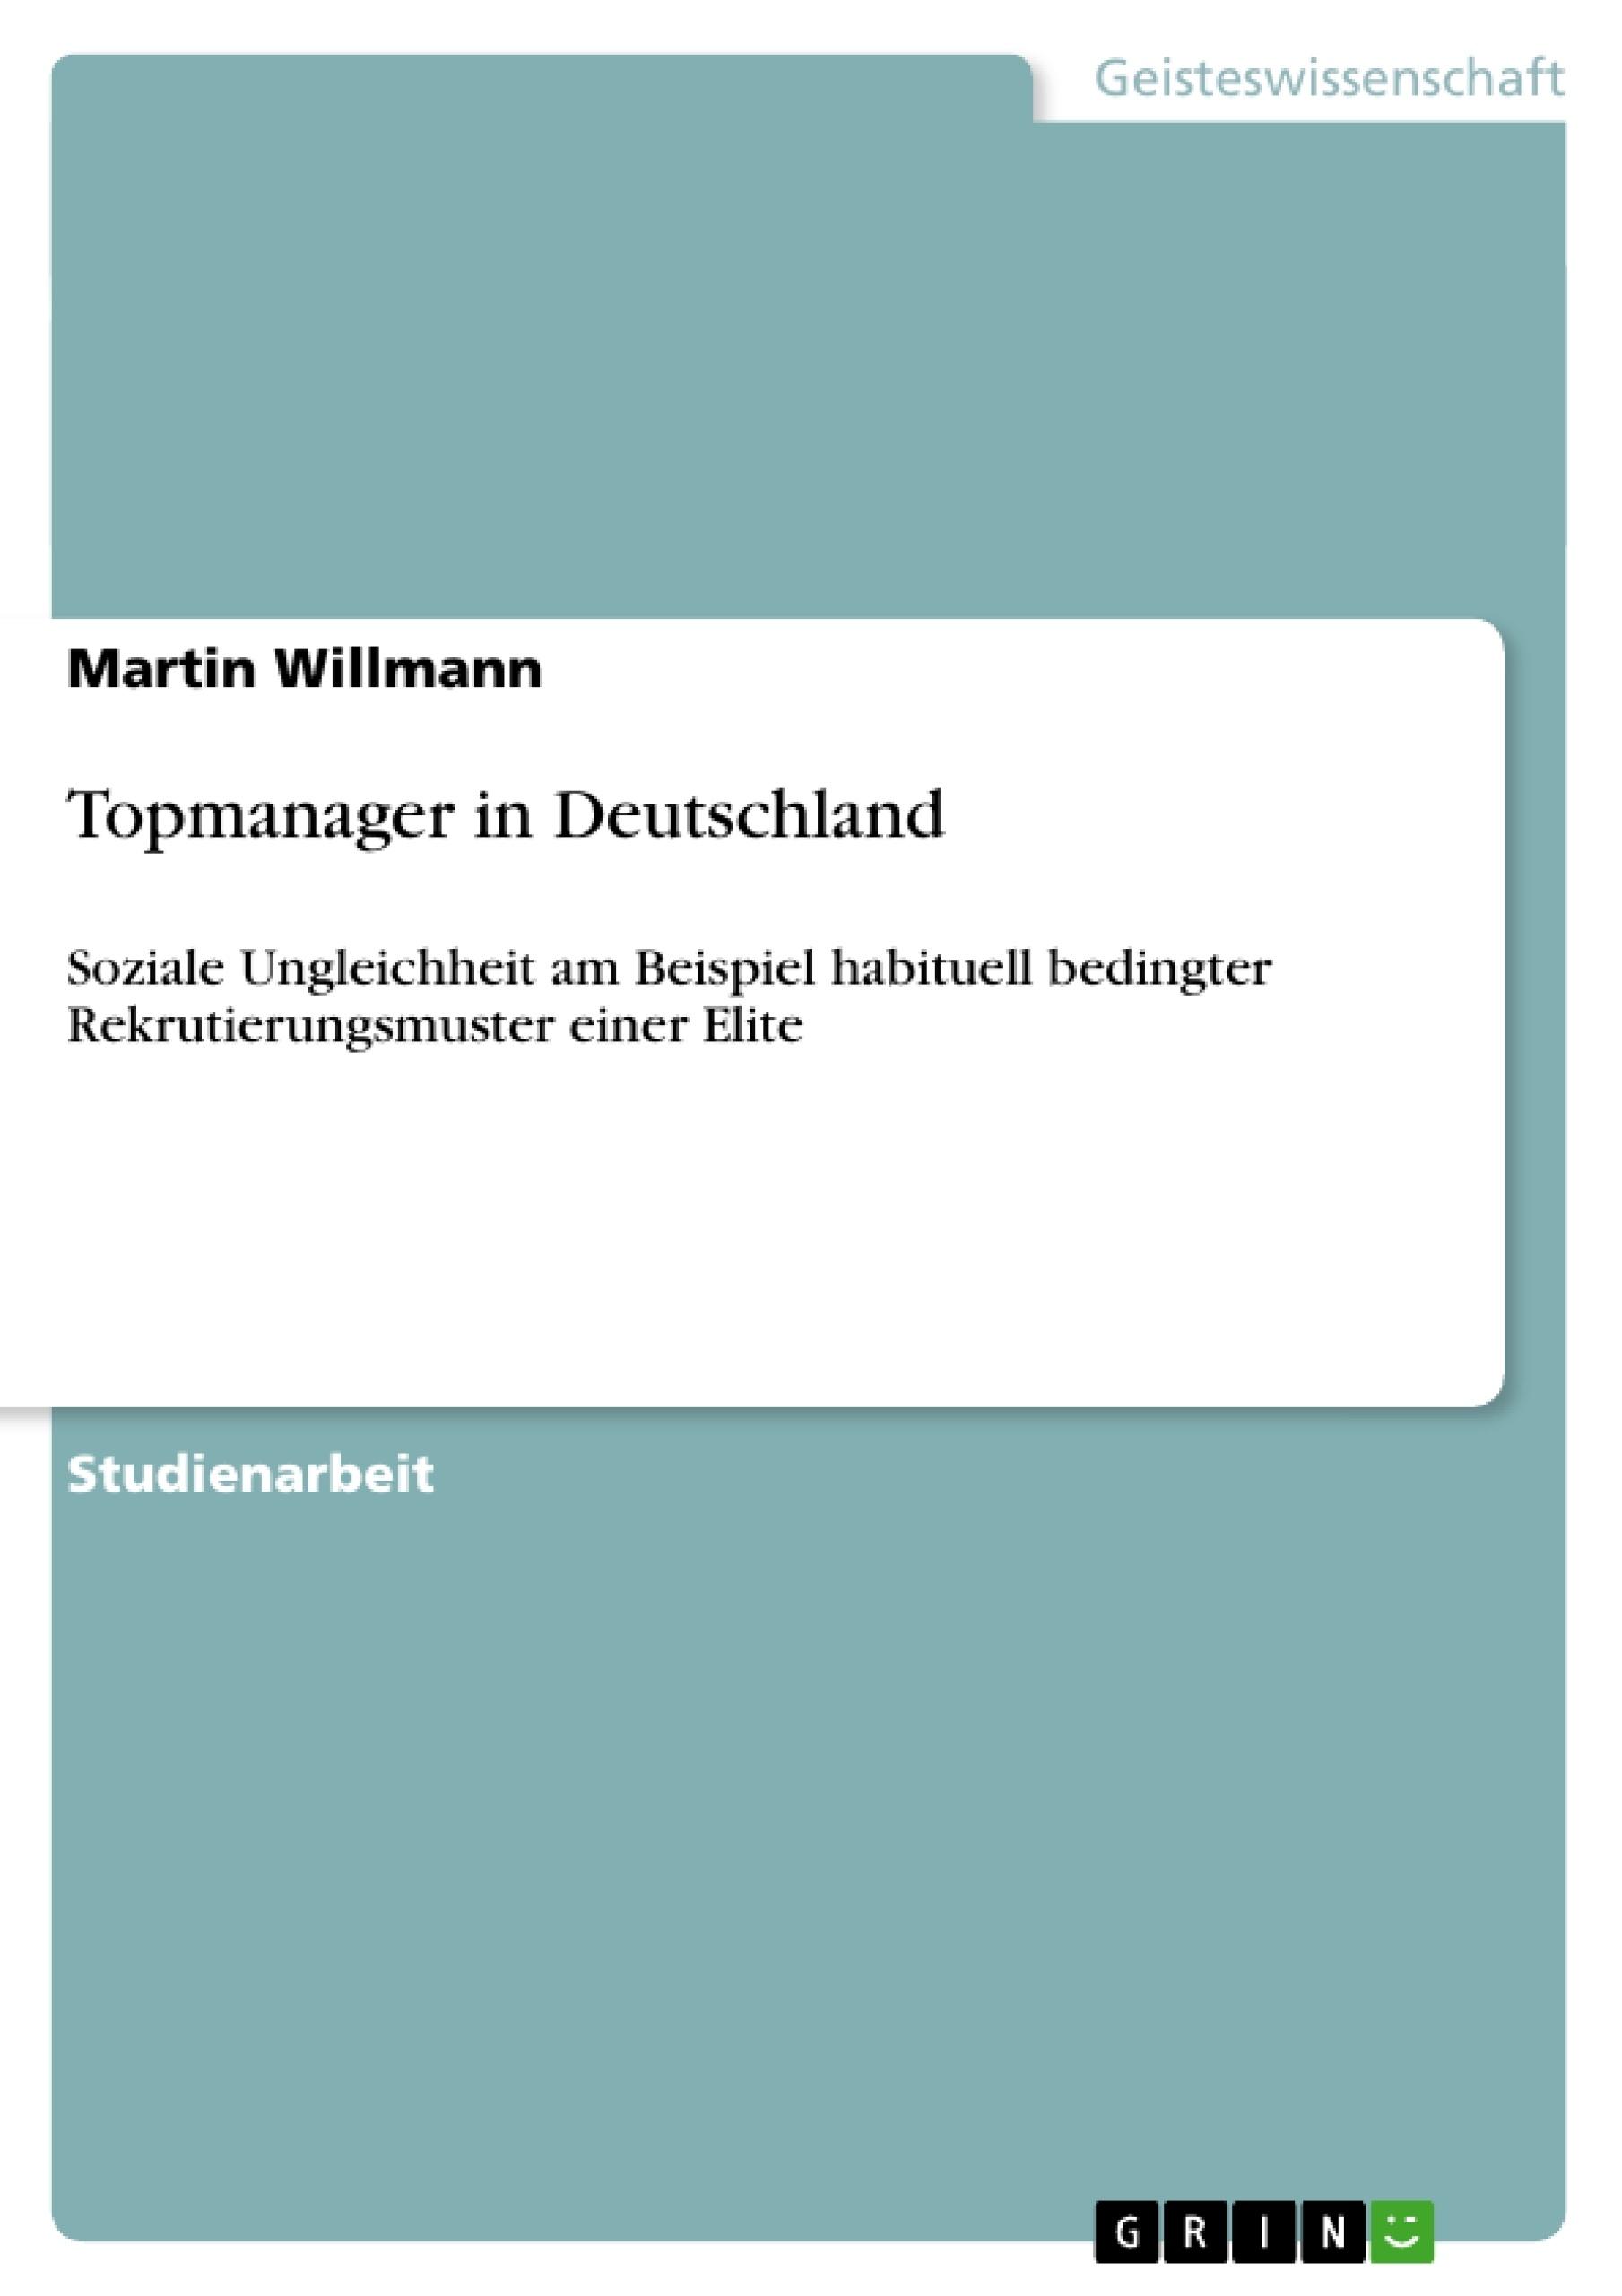 Titel: Topmanager in Deutschland